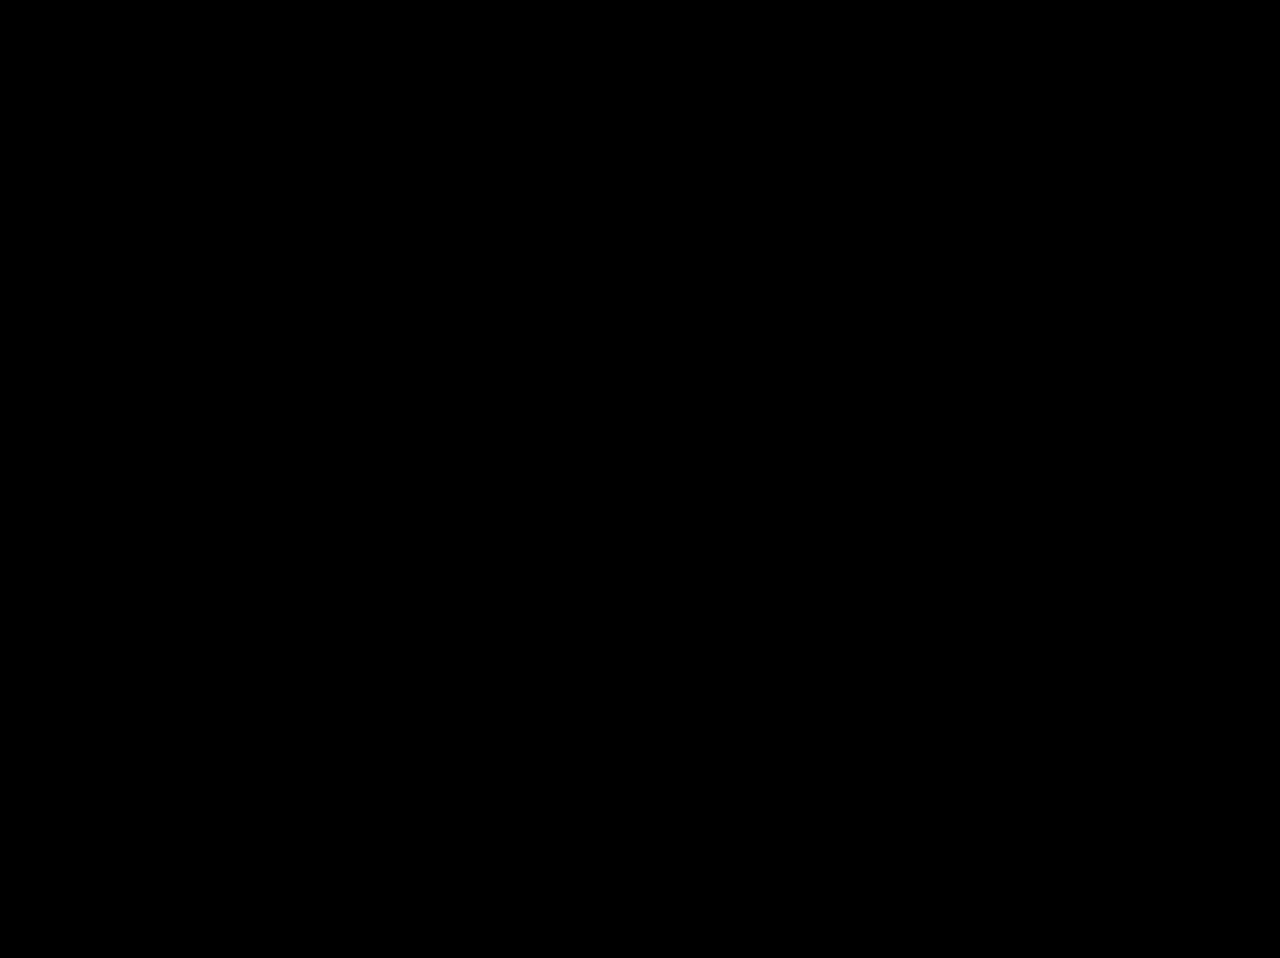 כתמים שחורים